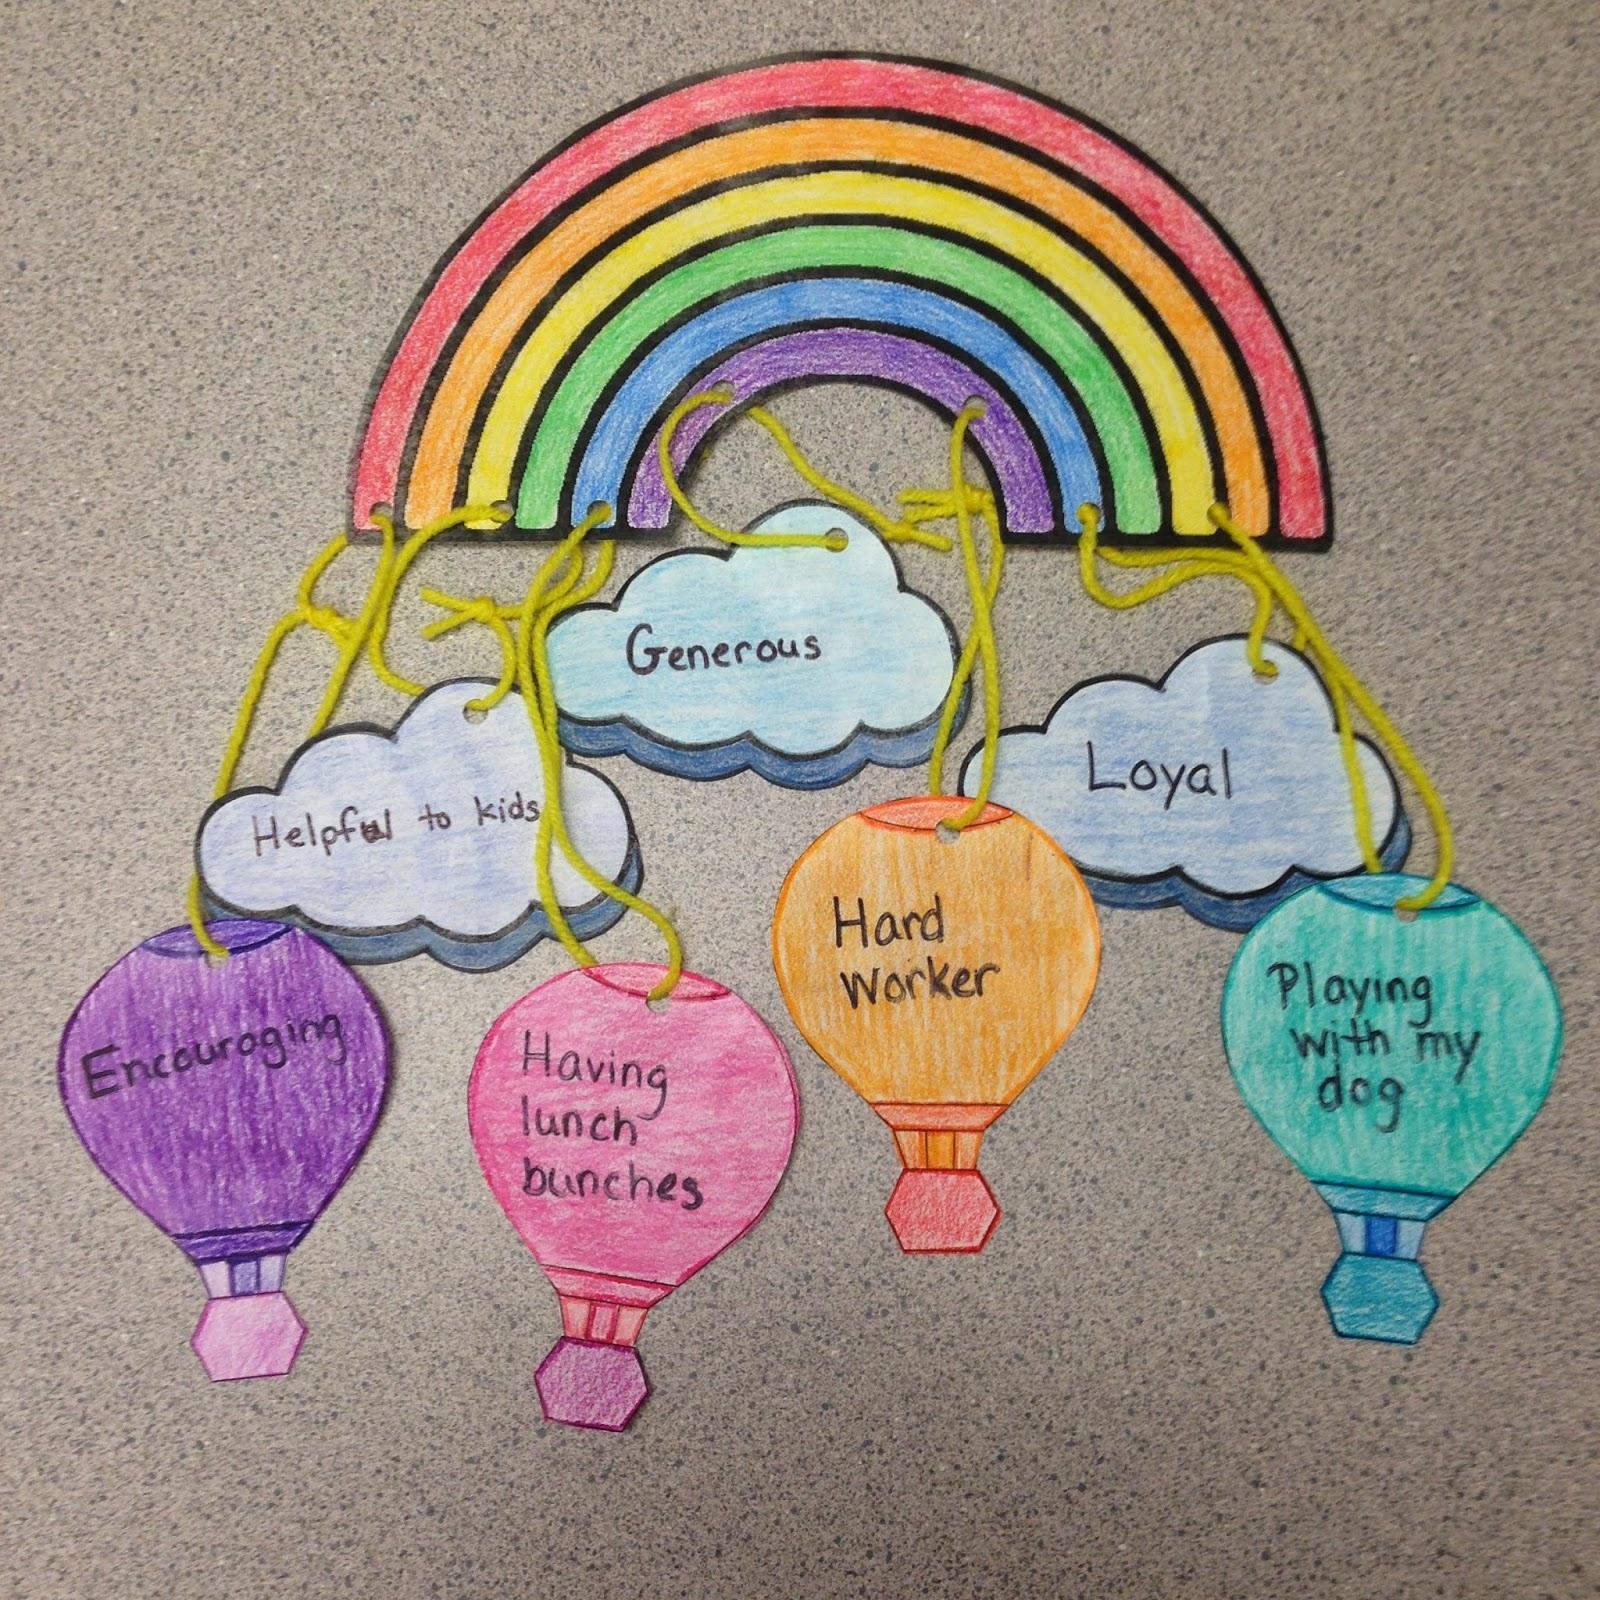 Creative Elementary School Counselor Self Esteem